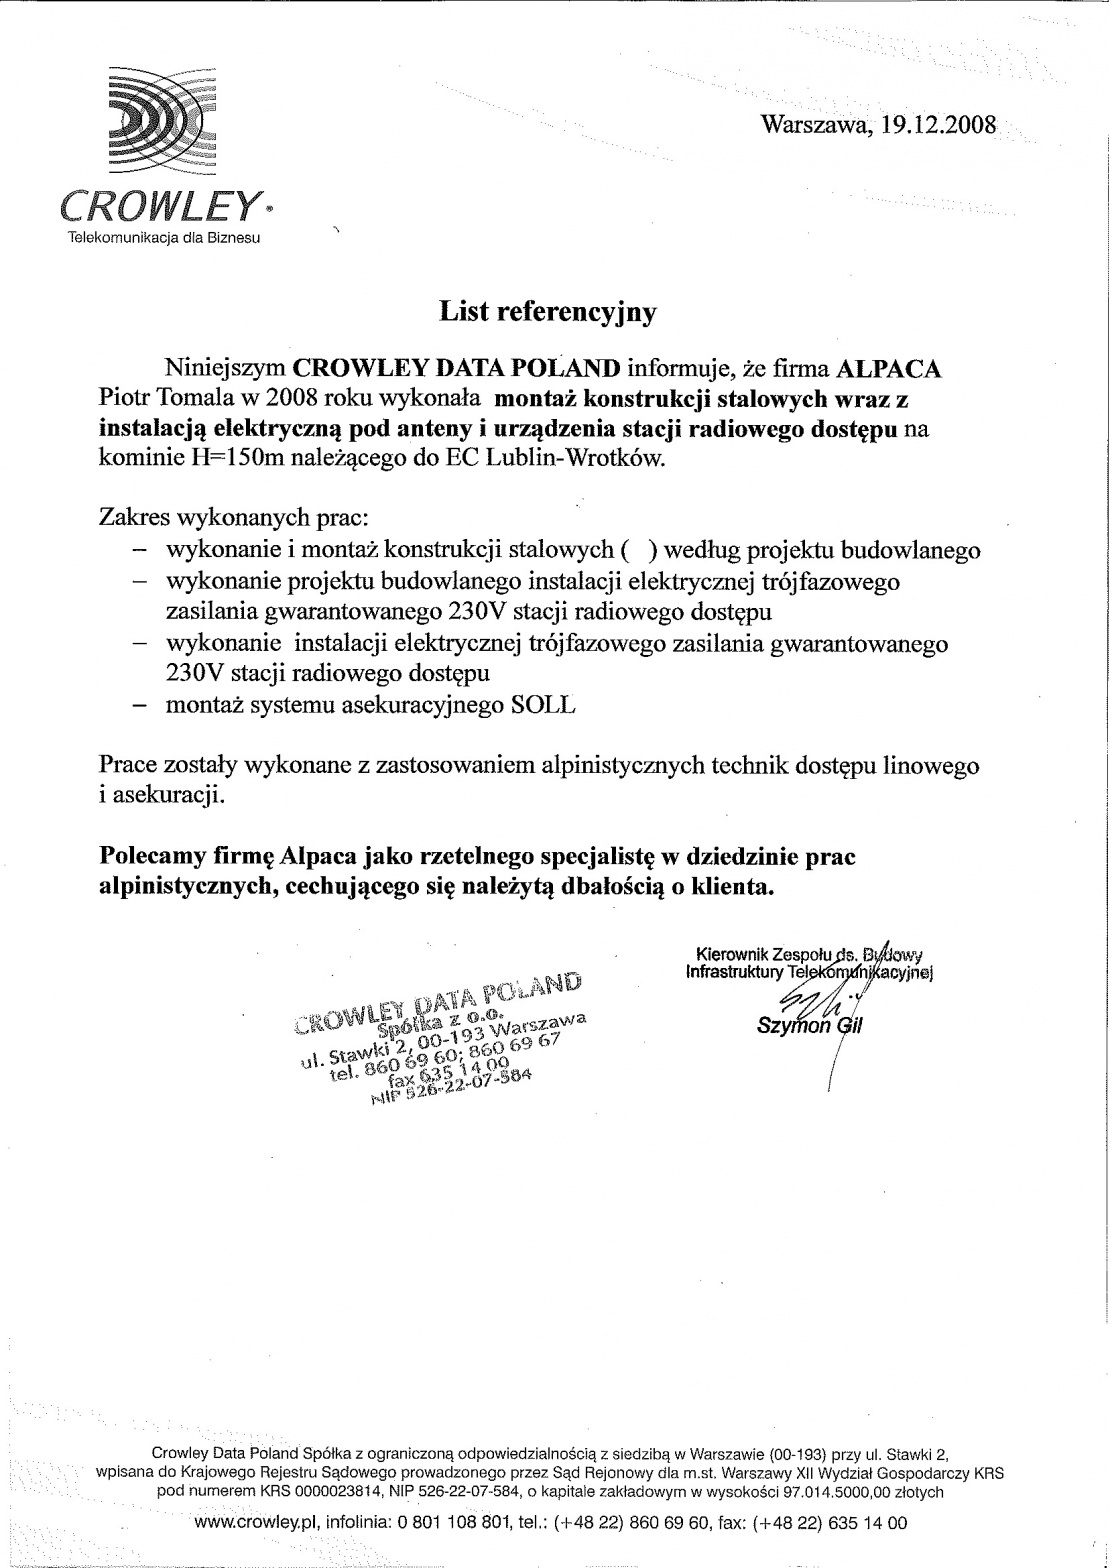 List referencyjny od Crowley Data Poland dotyczący montażu konstrukcji stalowych na kominie h=150m.